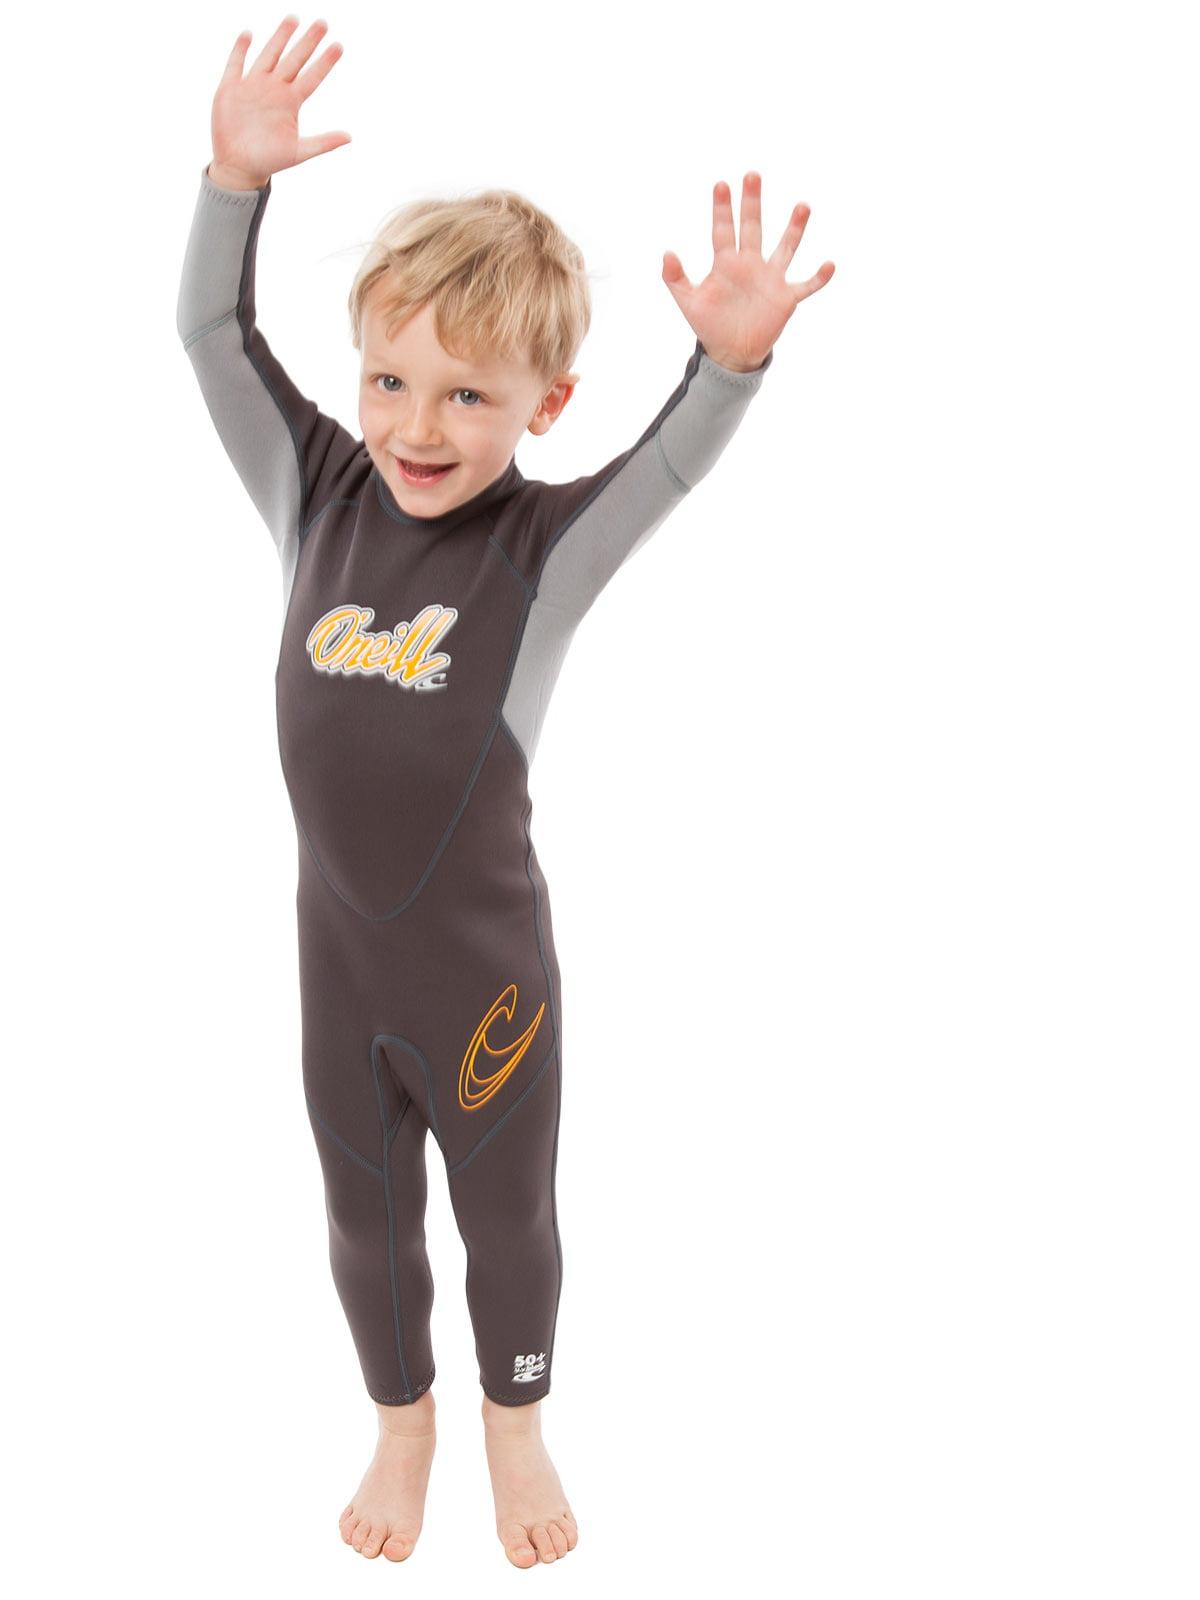 O/'Neill Toddler /& Little Kids Neoprene Full Body Wetsuit for Slender Children